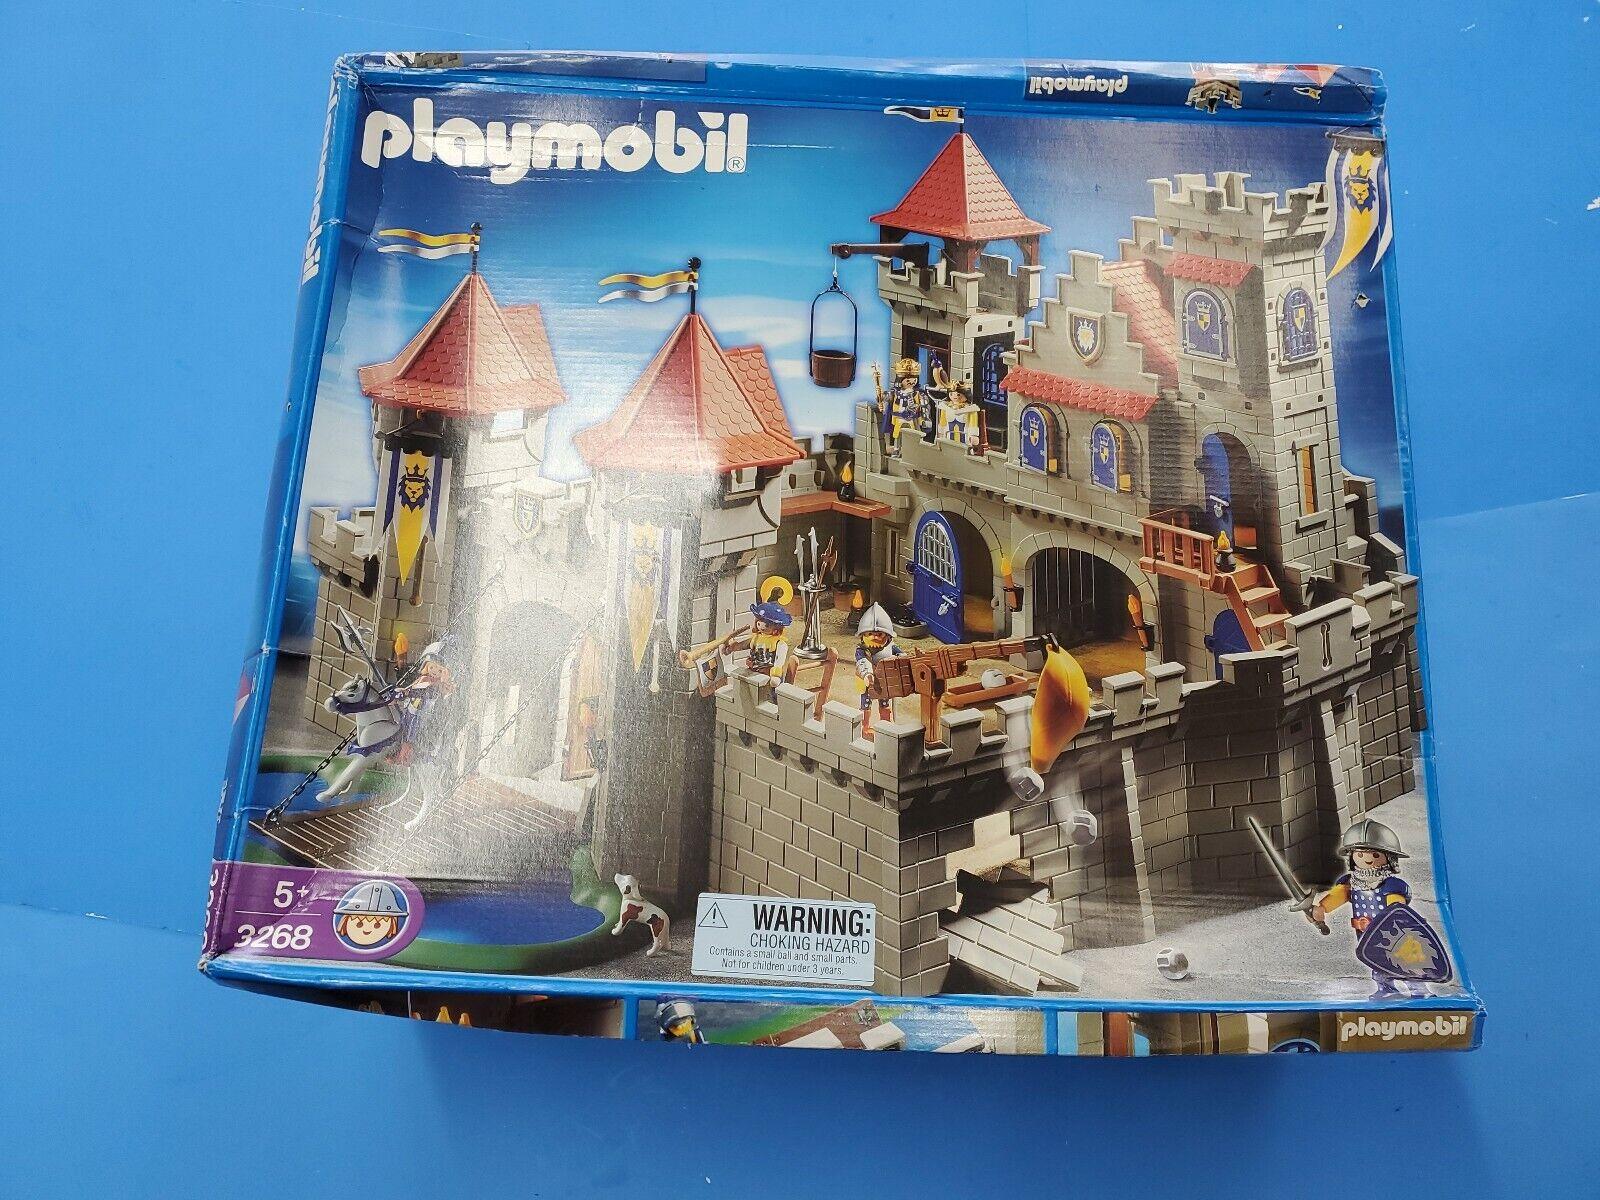 プレイモービル3268騎士帝国城新しいオープンボックスミニジオラマギフトクリスマス